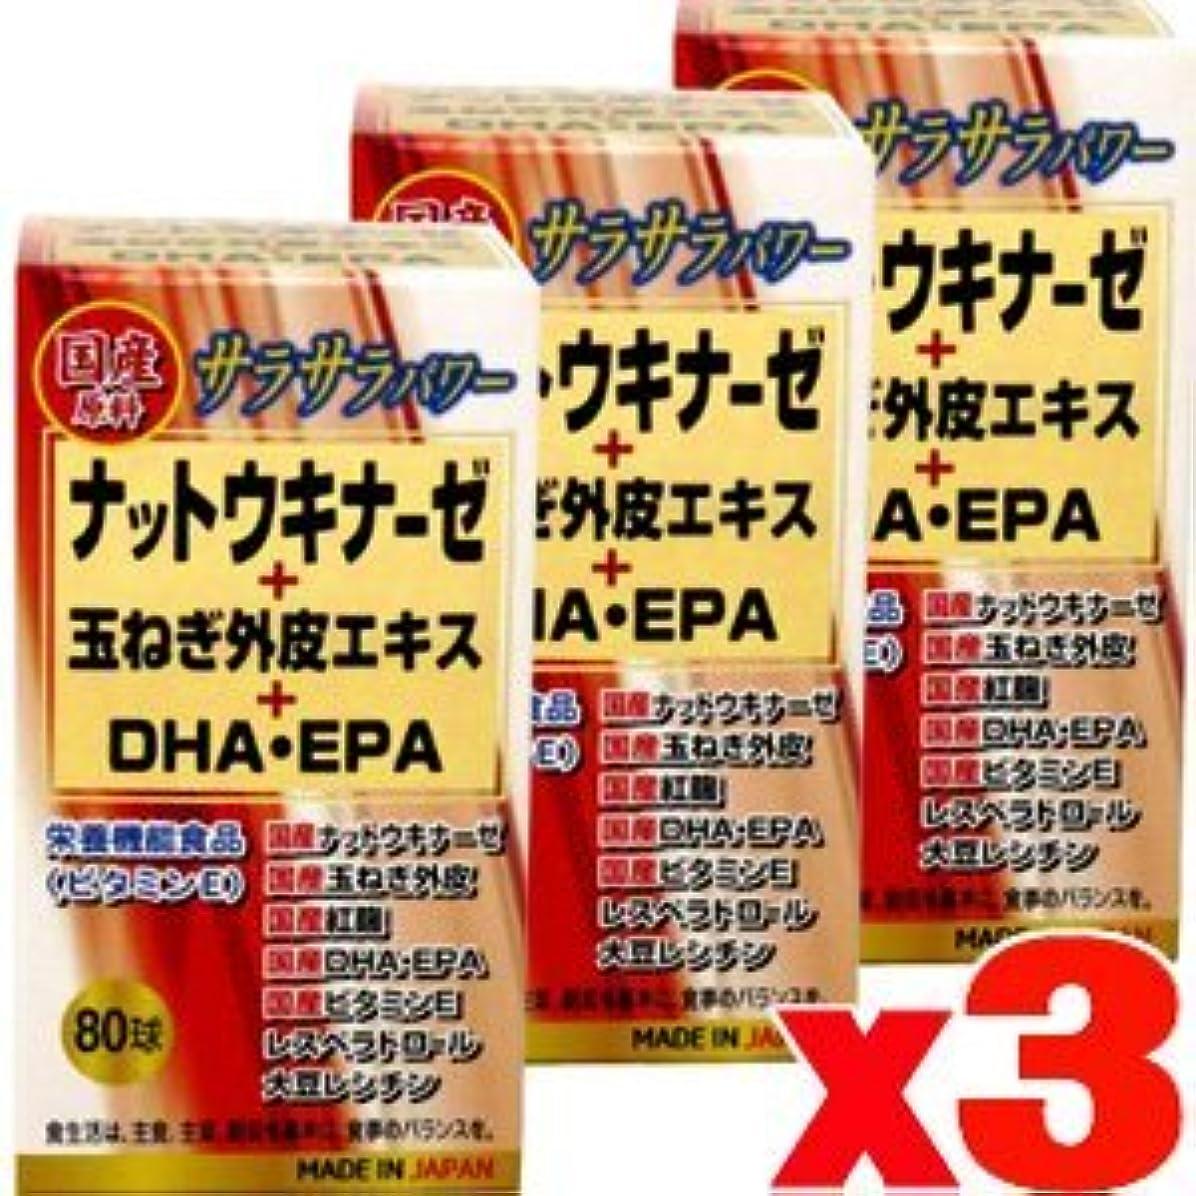 骨に賛成登録【3個】ユウキ製薬 ナットウキナーゼ+玉ねぎ外皮エキス+DHA?EPA 80球x3個(4524326202109)